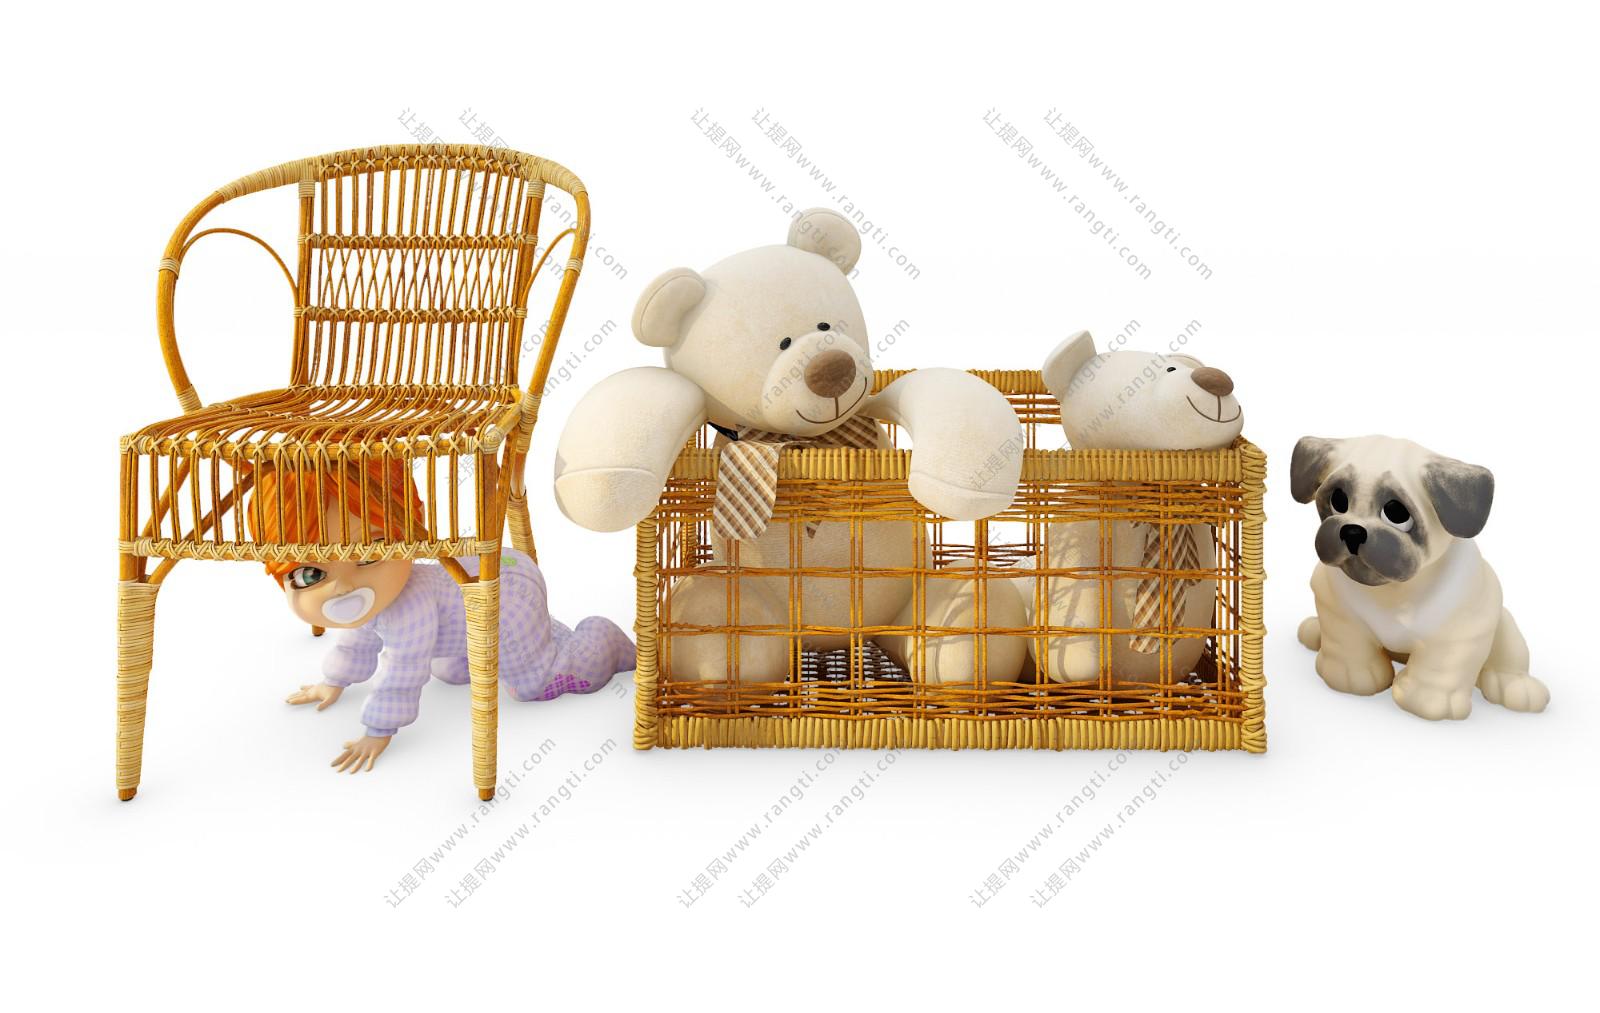 现代儿童藤编休闲椅、玩具娃娃组合3D模型